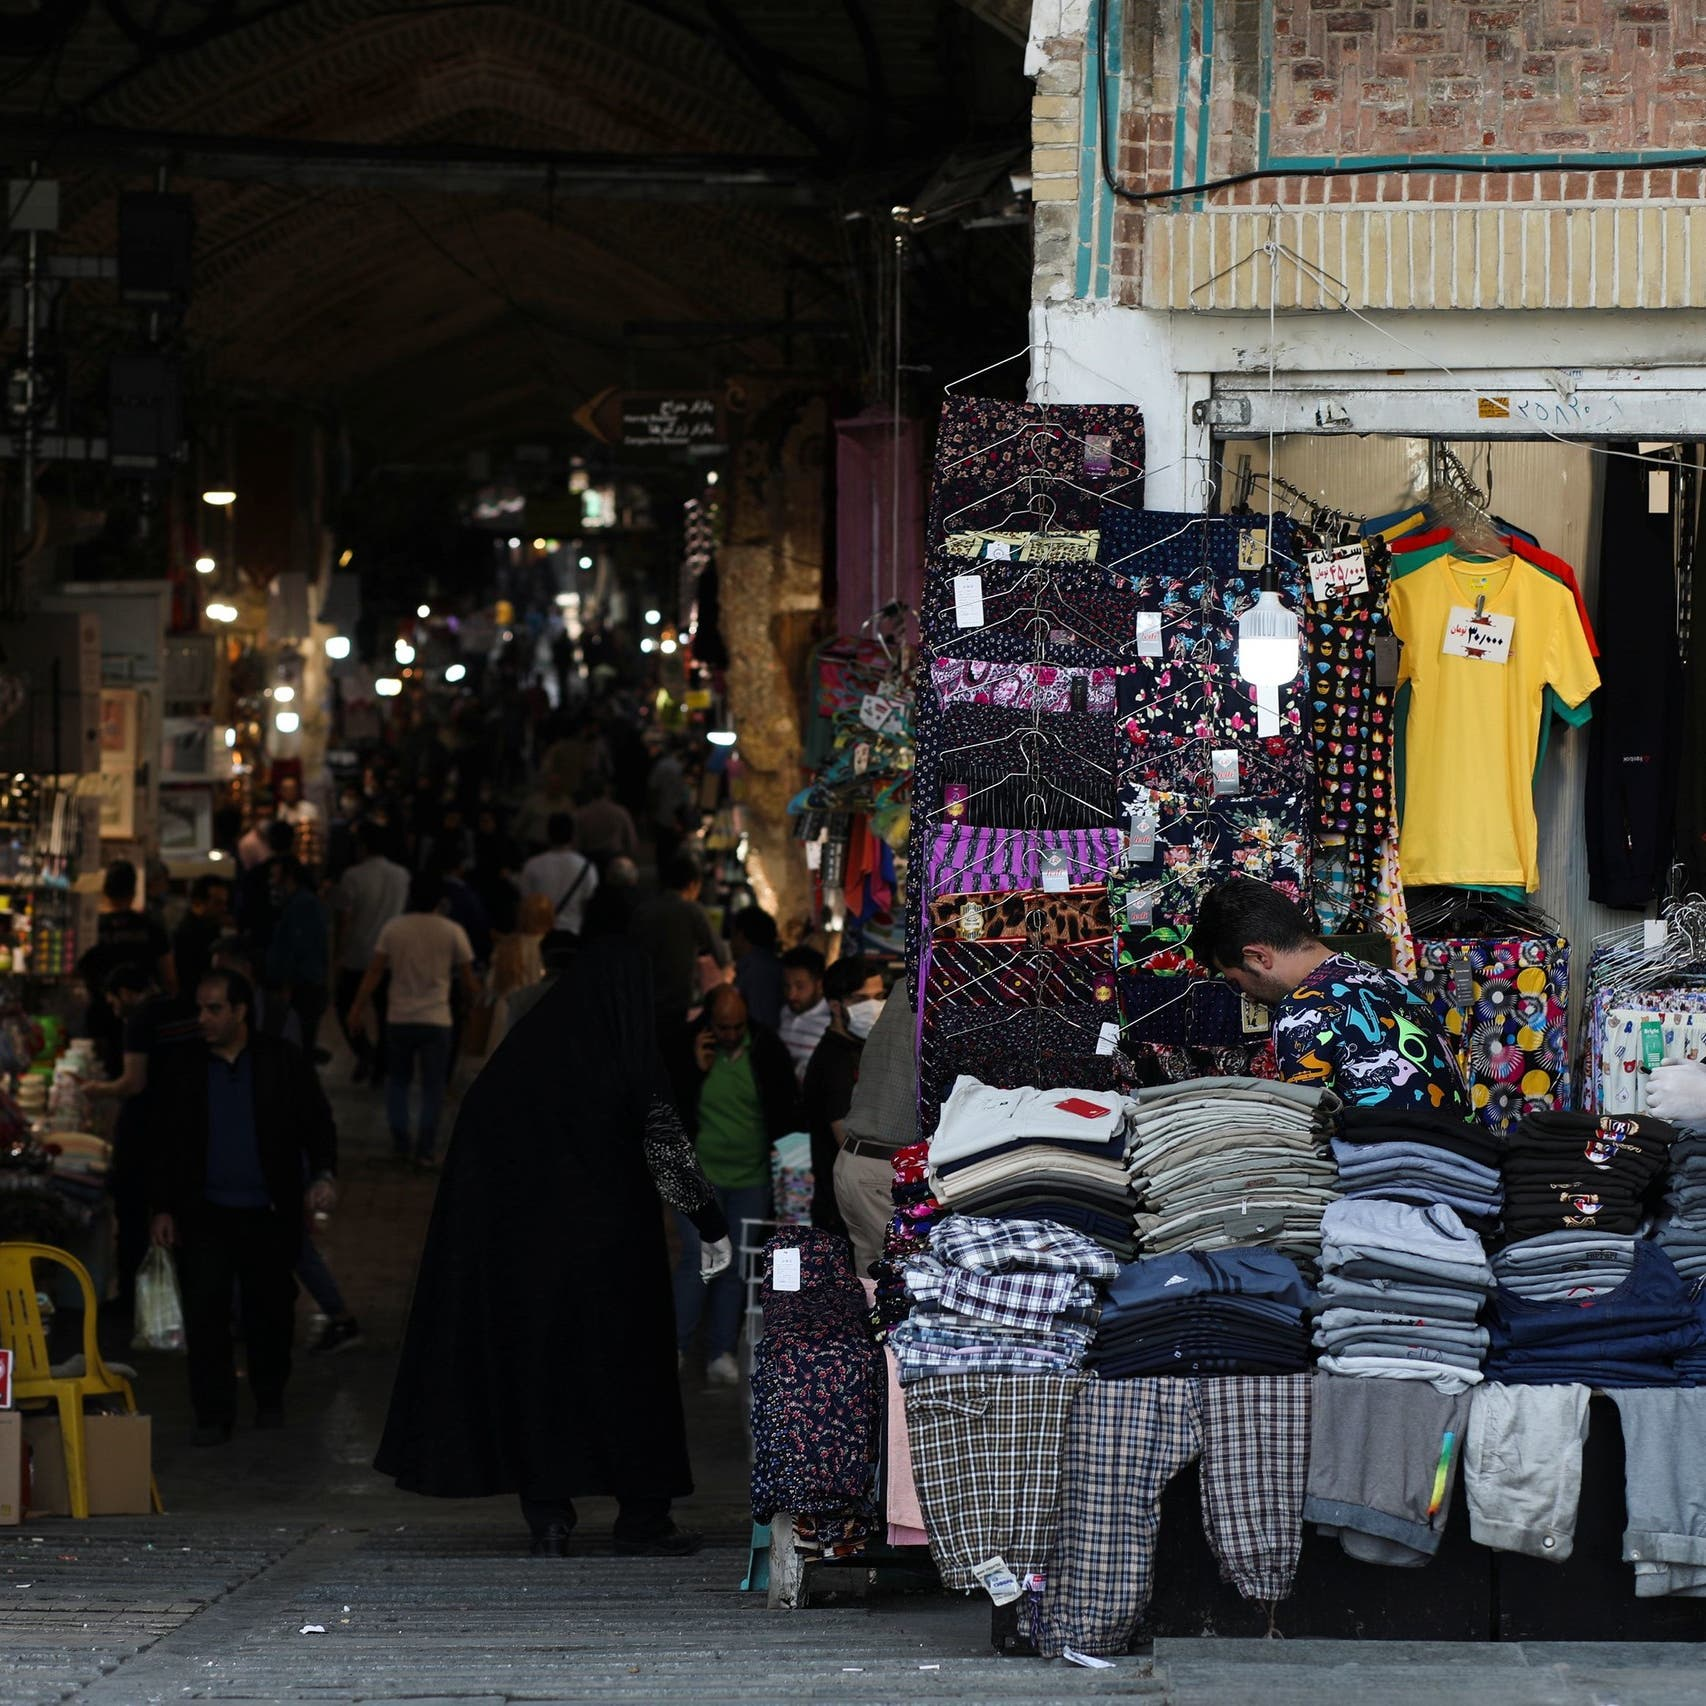 فيديو صادم من إيران.. طابور للتسوق في زمن كورونا